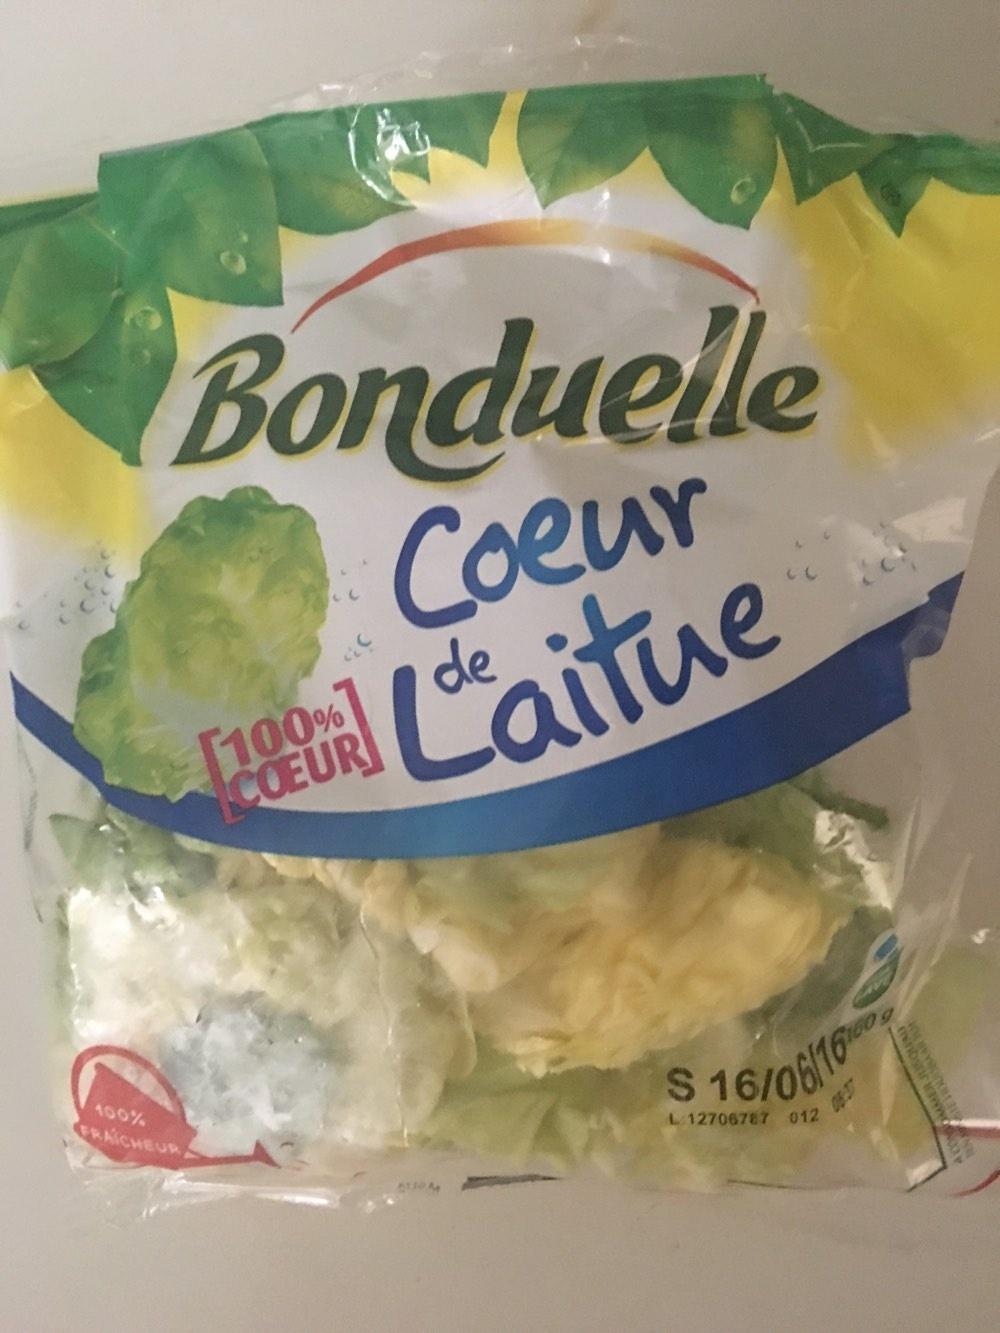 Coeur de laitue Feuilles délicates et croquantes - Product - fr